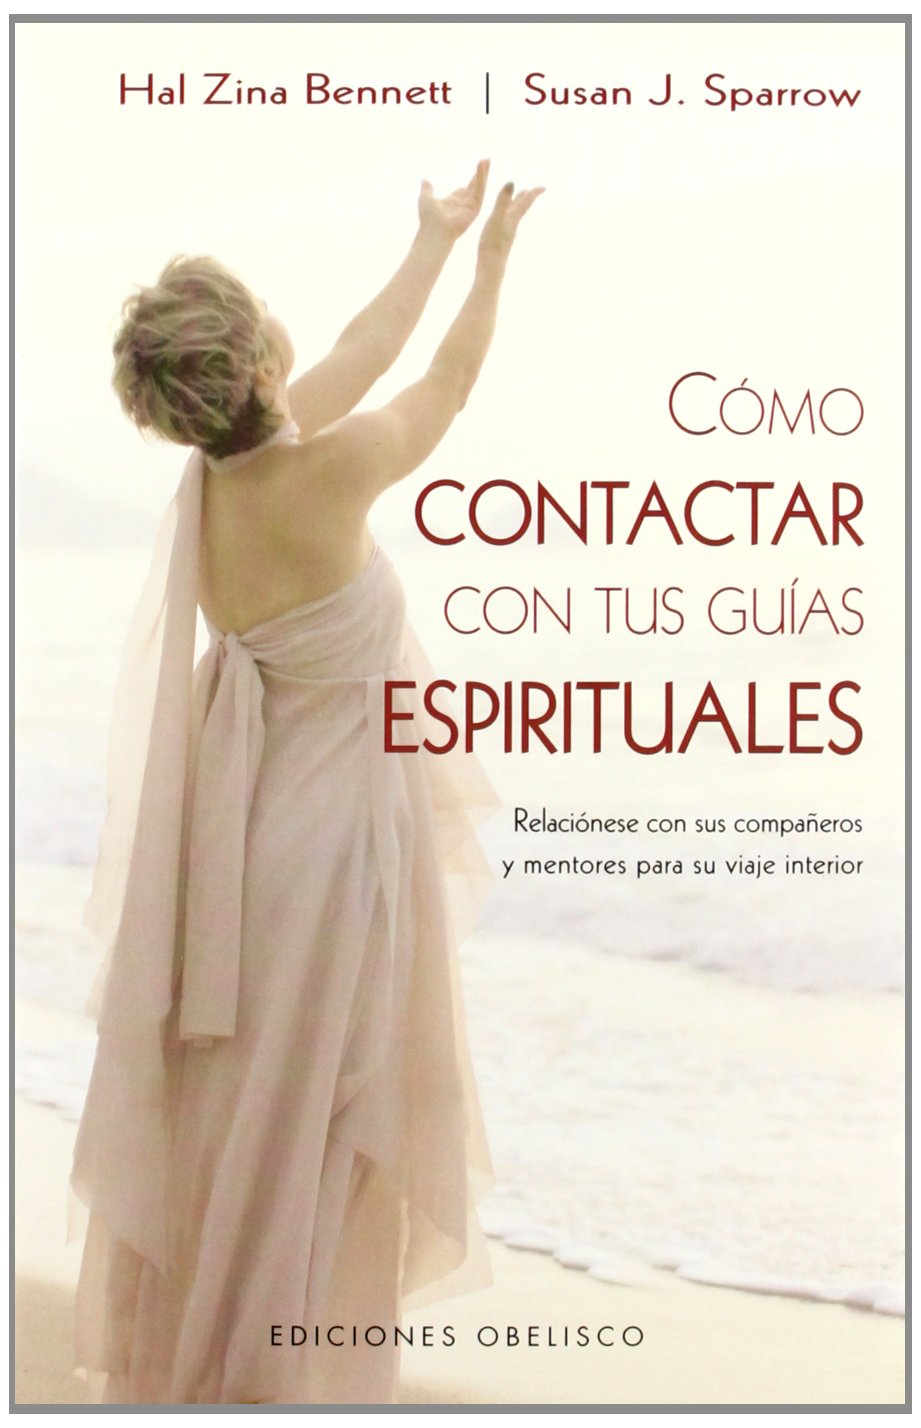 Cómo contactar con tus guías espirituales NUEVA CONSCIENCIA ...